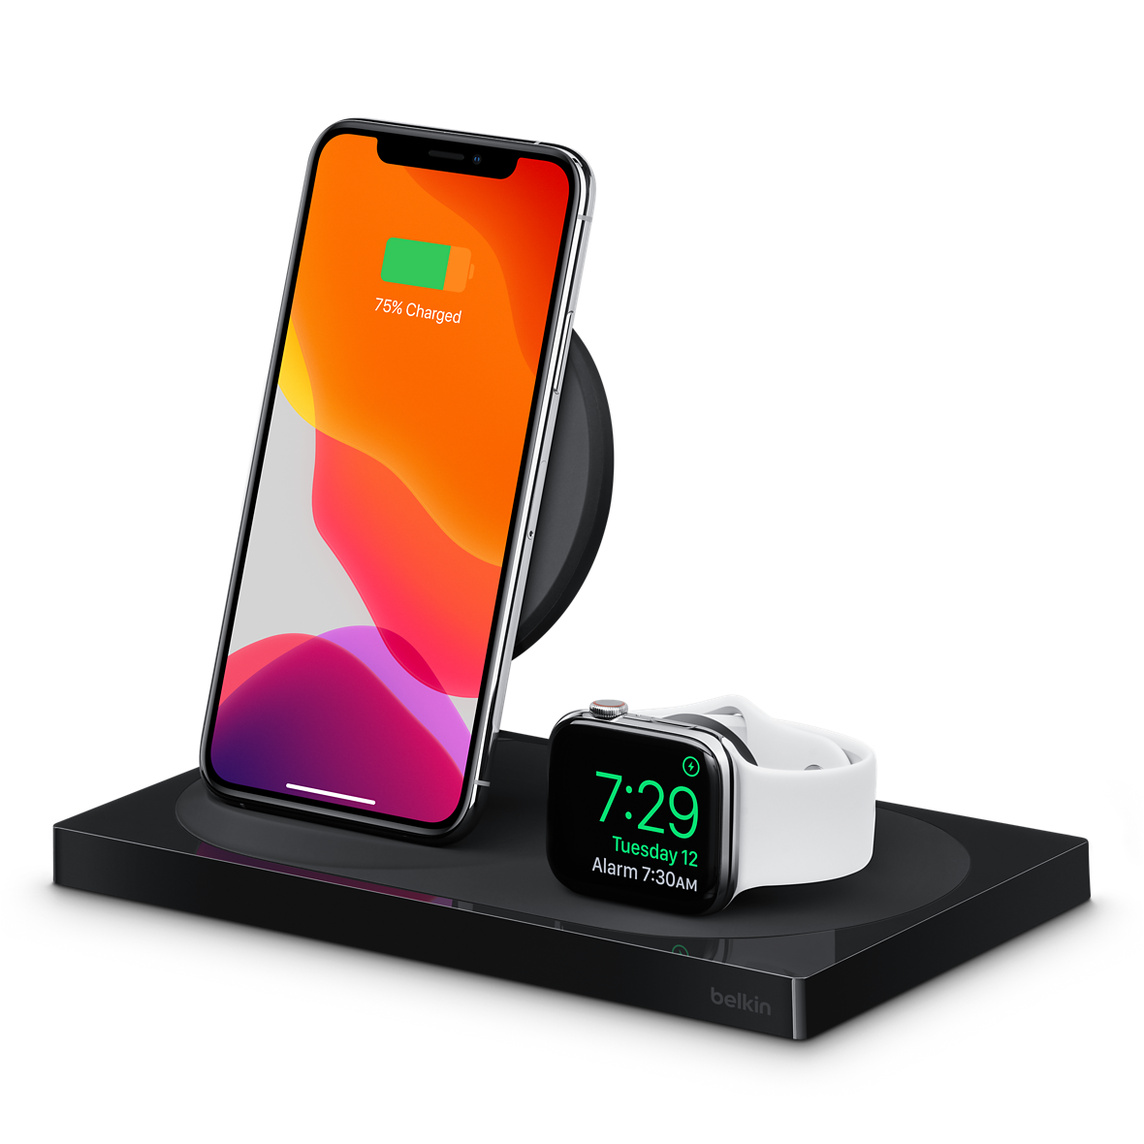 Carga De Base Iphone Apple Belkin Para Up Y Watch Boost El Inalámbrica jL35AR4